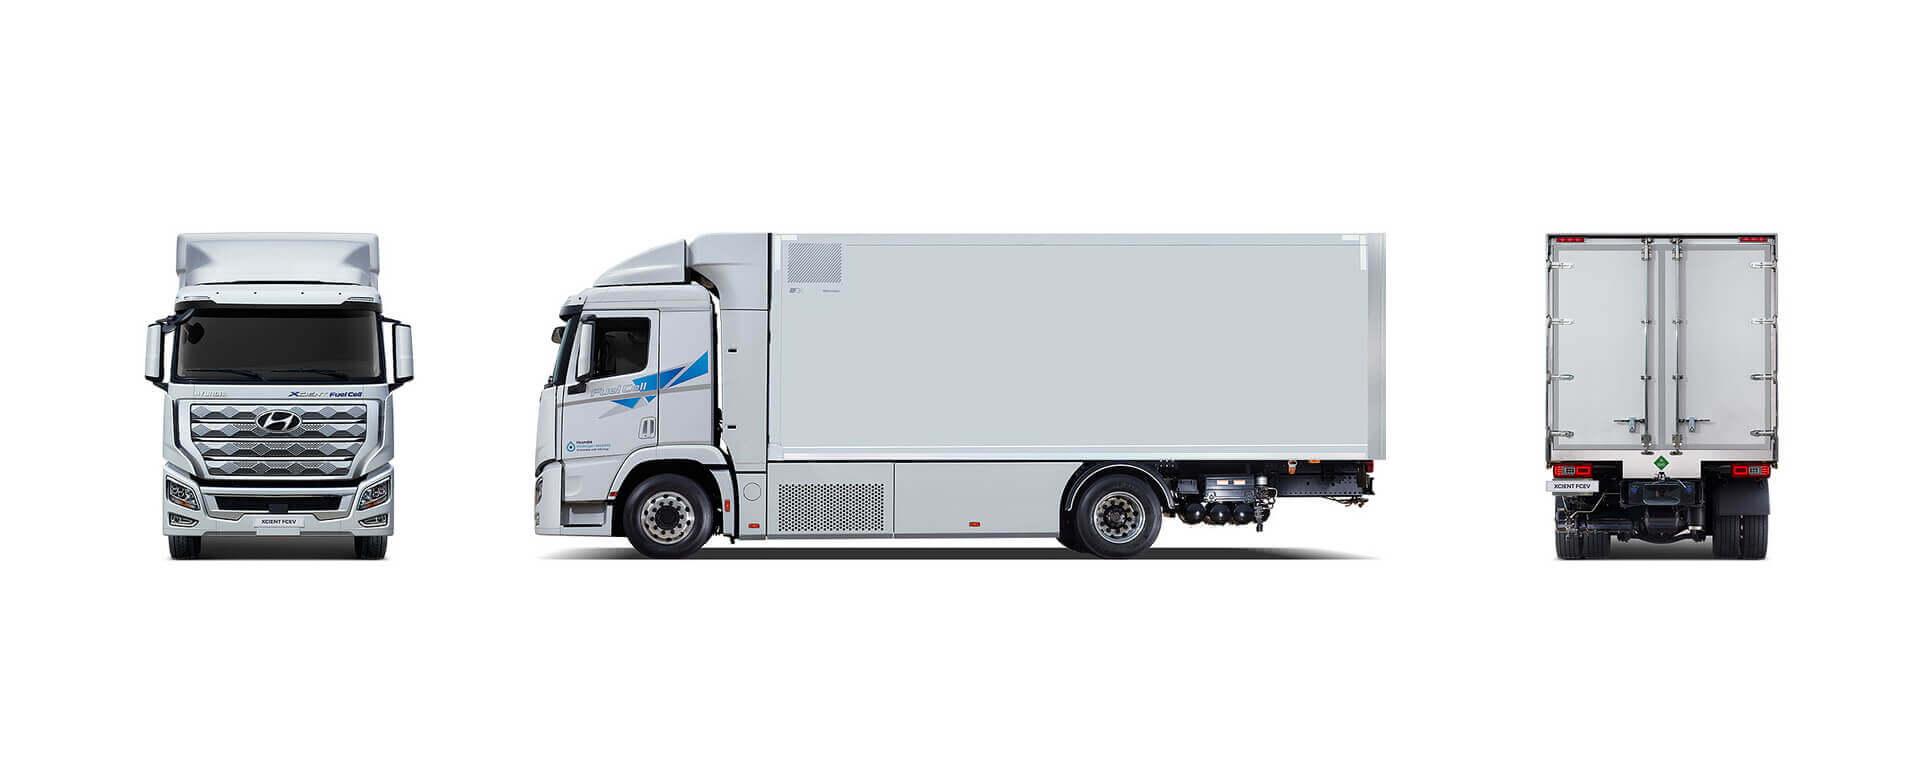 Размеры Hyundai XCIENT Fuel Cell: колесная база 5 130 мм, длина 9 745 мм, ширина 2 515 мм, высота 3 730 мм